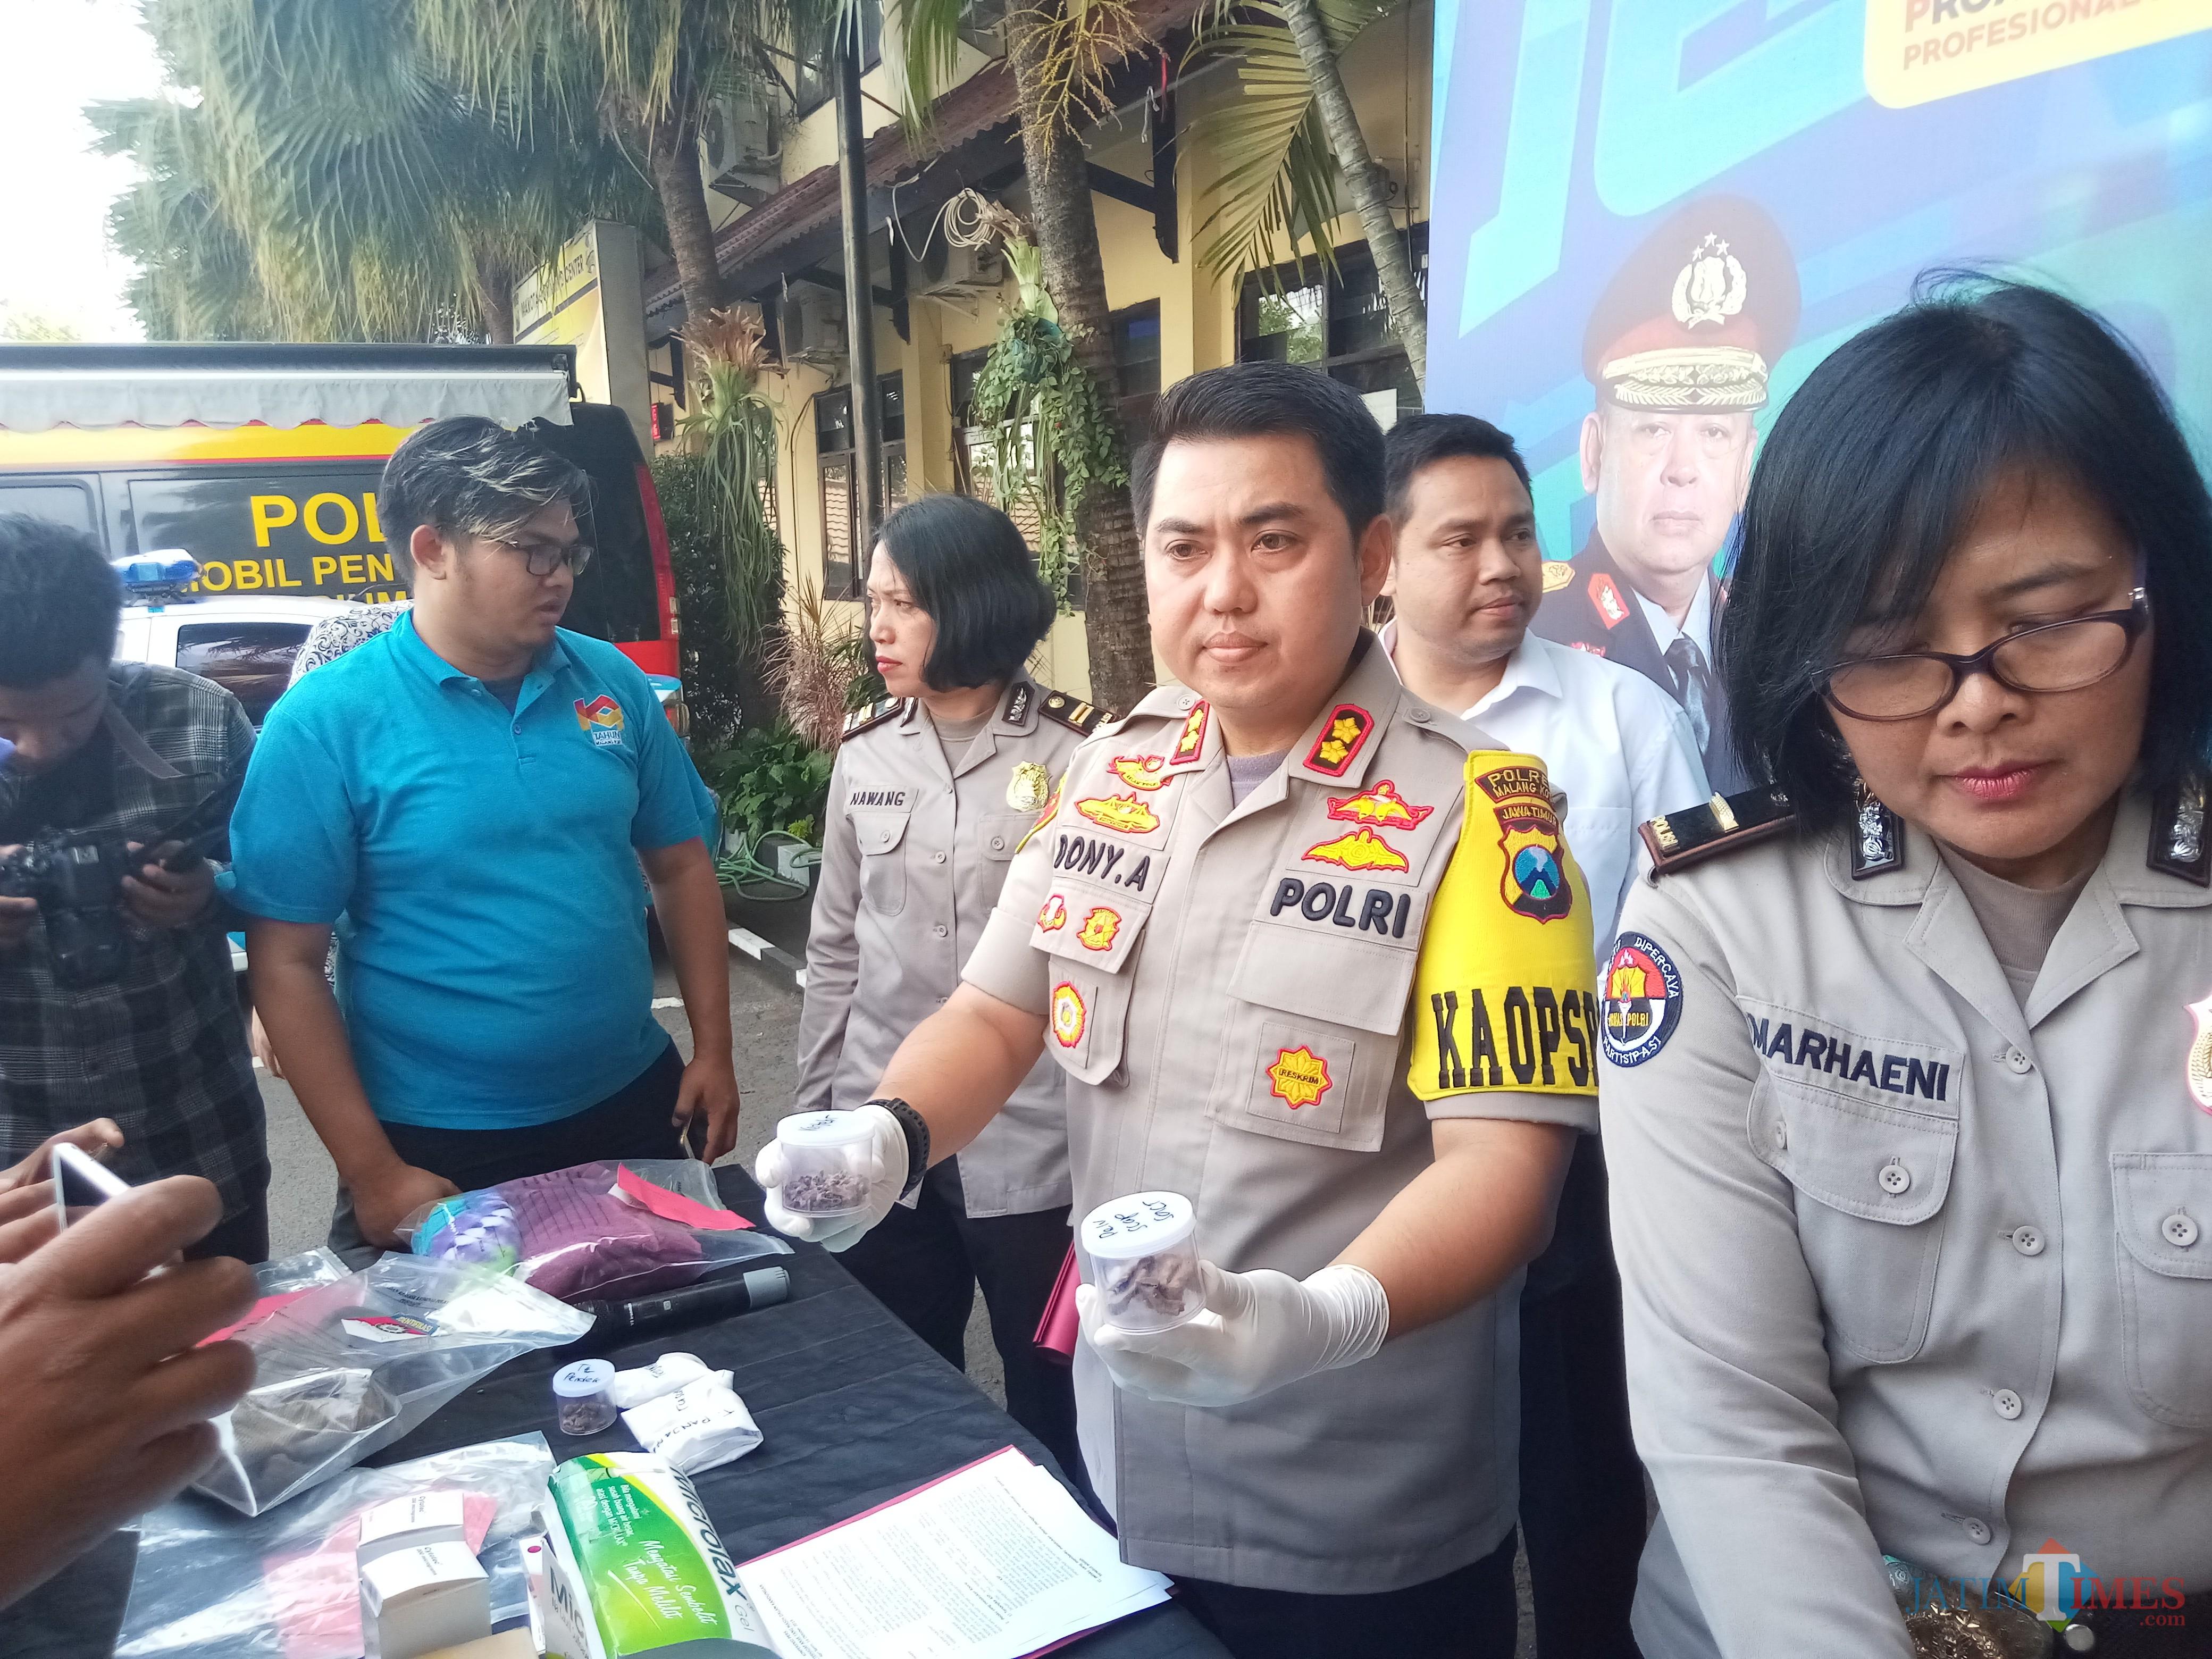 Kapolres Malang Kota AKBP Dony Alexander SIK, MH, saat menunjukan barang bukti tulang dari janin yang ditemukan petugas di lokasi penguburan bayi di Pasuruan (Anggara Sudiongko/MalangTIMES)